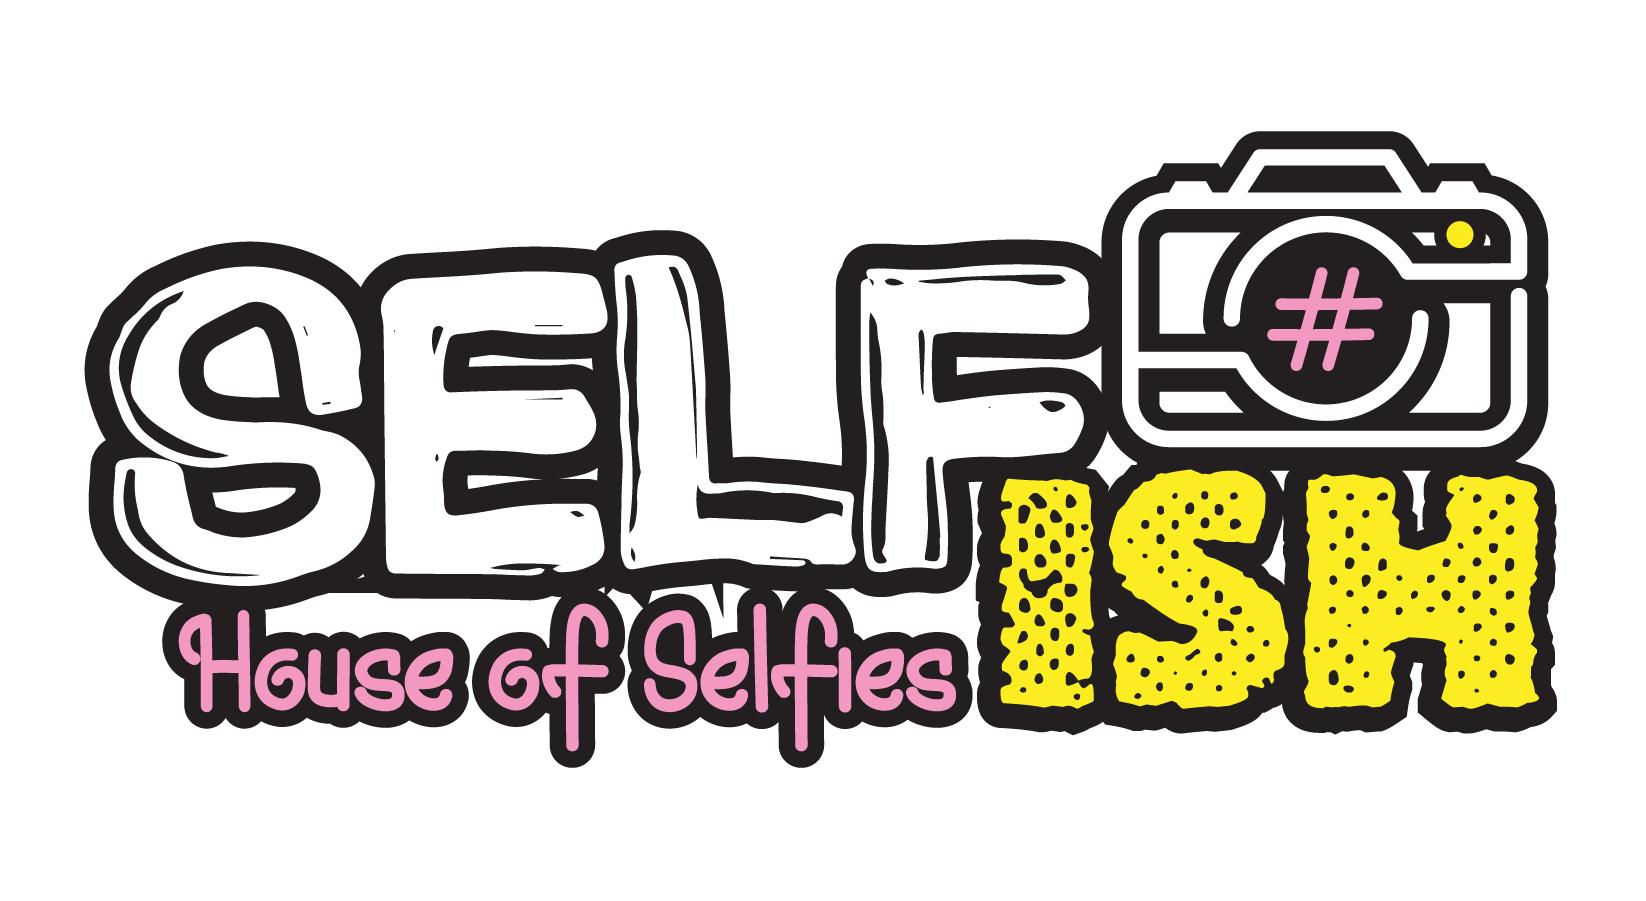 Selfish House of Selfies